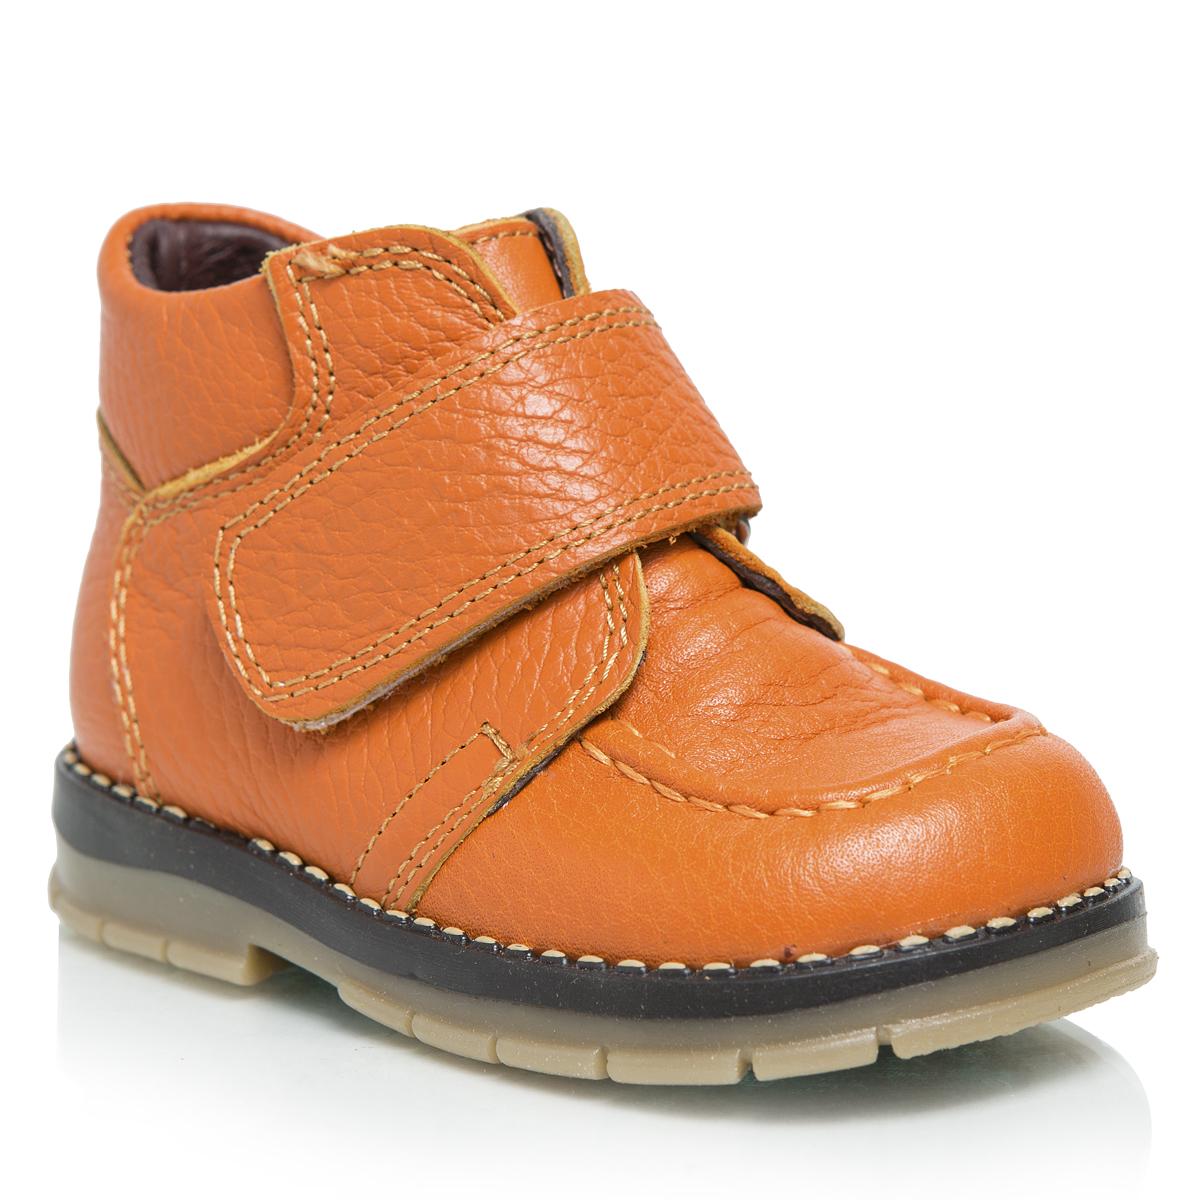 241-33Модные детские ботинки Таши Орто приведут в восторг вашего ребенка. Модель выполнена из натуральной кожи. Литая анатомическая стелька из натуральной кожи со сводоподдерживающим элементом и латексным покрытием, не продавливающаяся во время носки, обеспечивает правильное формирование стопы. Благодаря использованию современных внутренних материалов, позволяет оптимально распределить нагрузку по всей площади стопы, дает ножке ощущение мягкости и комфорта. Полужесткий задник фиксирует ножку ребенка, не давая ей смещаться из стороны в сторону и назад. Мягкая верхняя часть, которая плотно прилегает к ножке, и подкладка, изготовленная из натуральной кожи, позволяют избежать натирания. Ремешок на застежке-липучке, декорированный символикой бренда, помогает оптимально подогнать полноту обуви по ноге и гарантирует надежную фиксацию. Благодаря такой застежке ребенок может самостоятельно надевать обувь. Широкий, устойчивый каблук, специальной конфигурации каблук Томаса, продлен с внутренней...